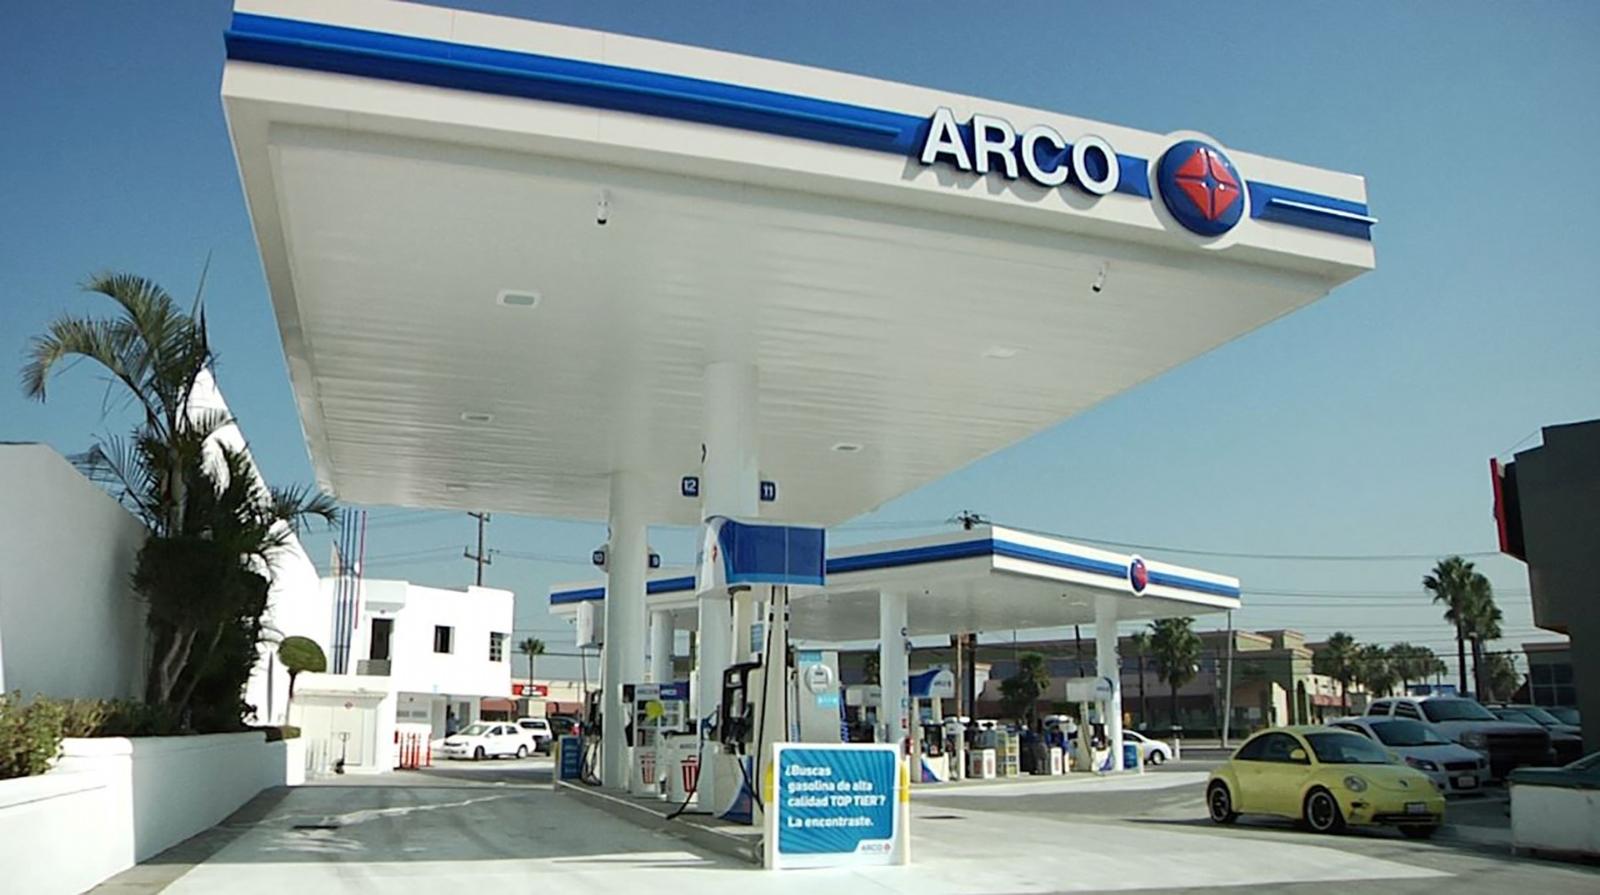 Arco inaugura su estación de gasolina en Tijuana